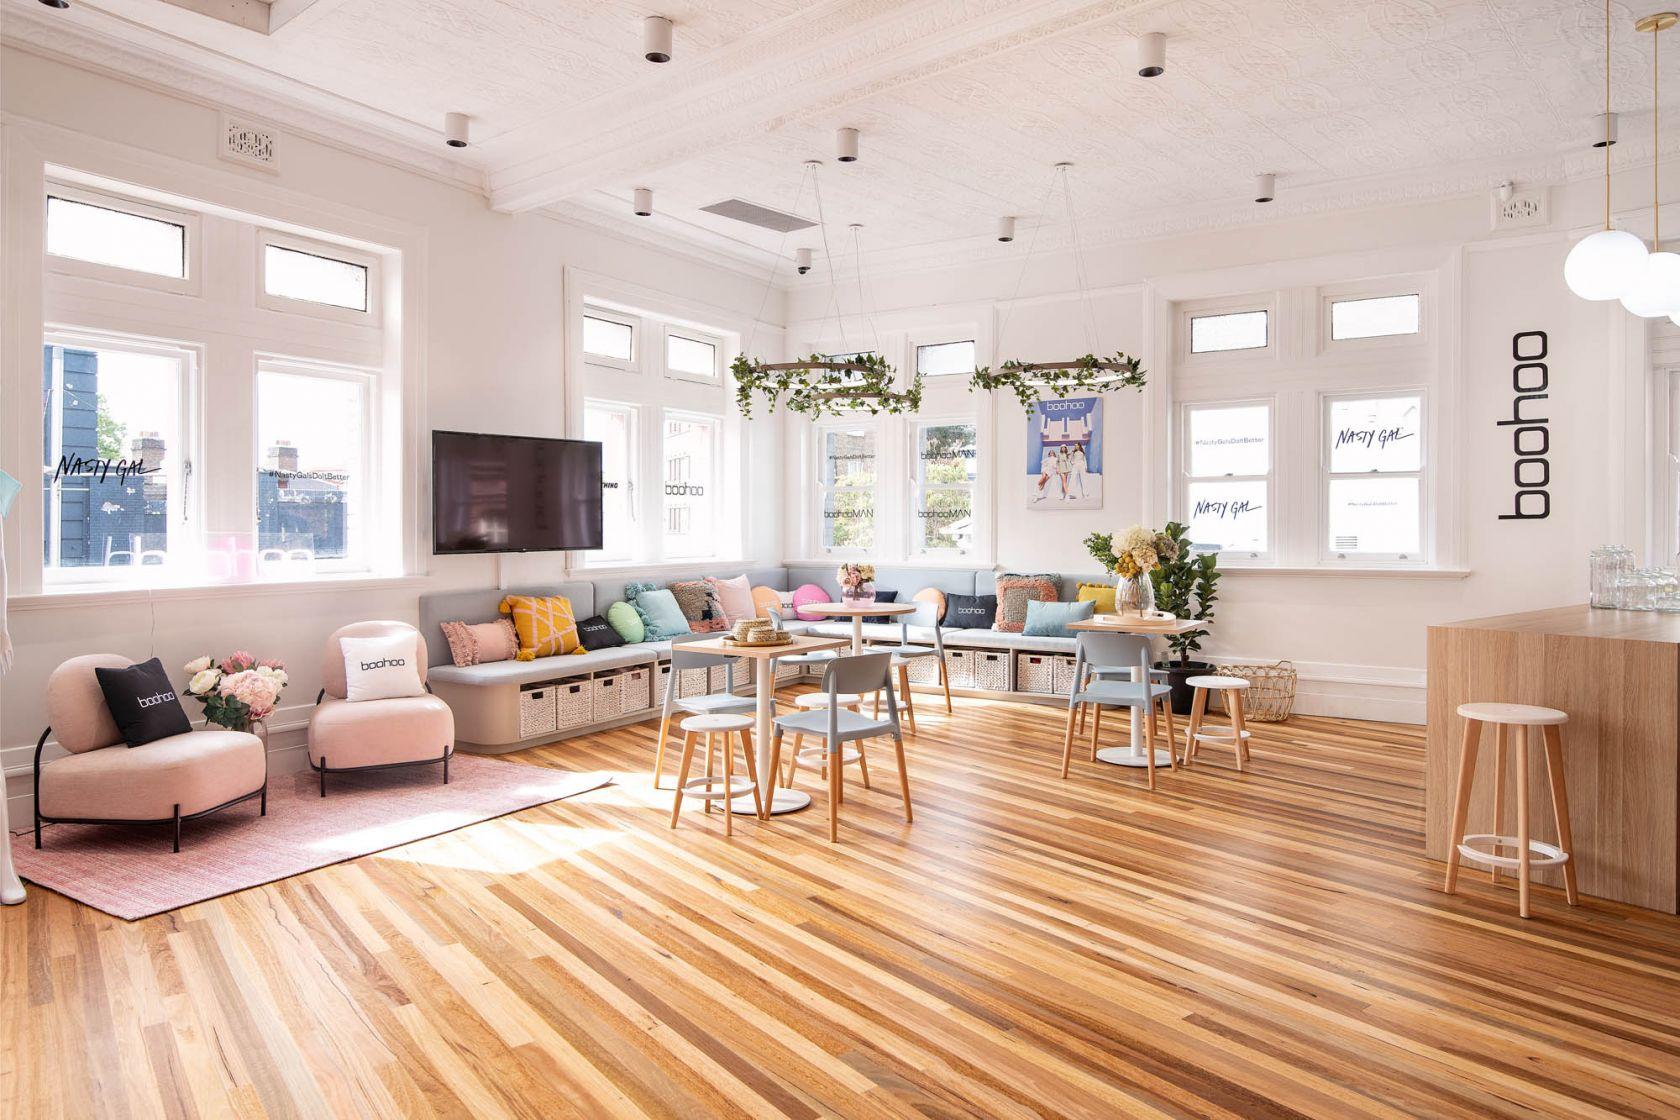 boohoo-Headquarters-sydney-Loose-Furniture